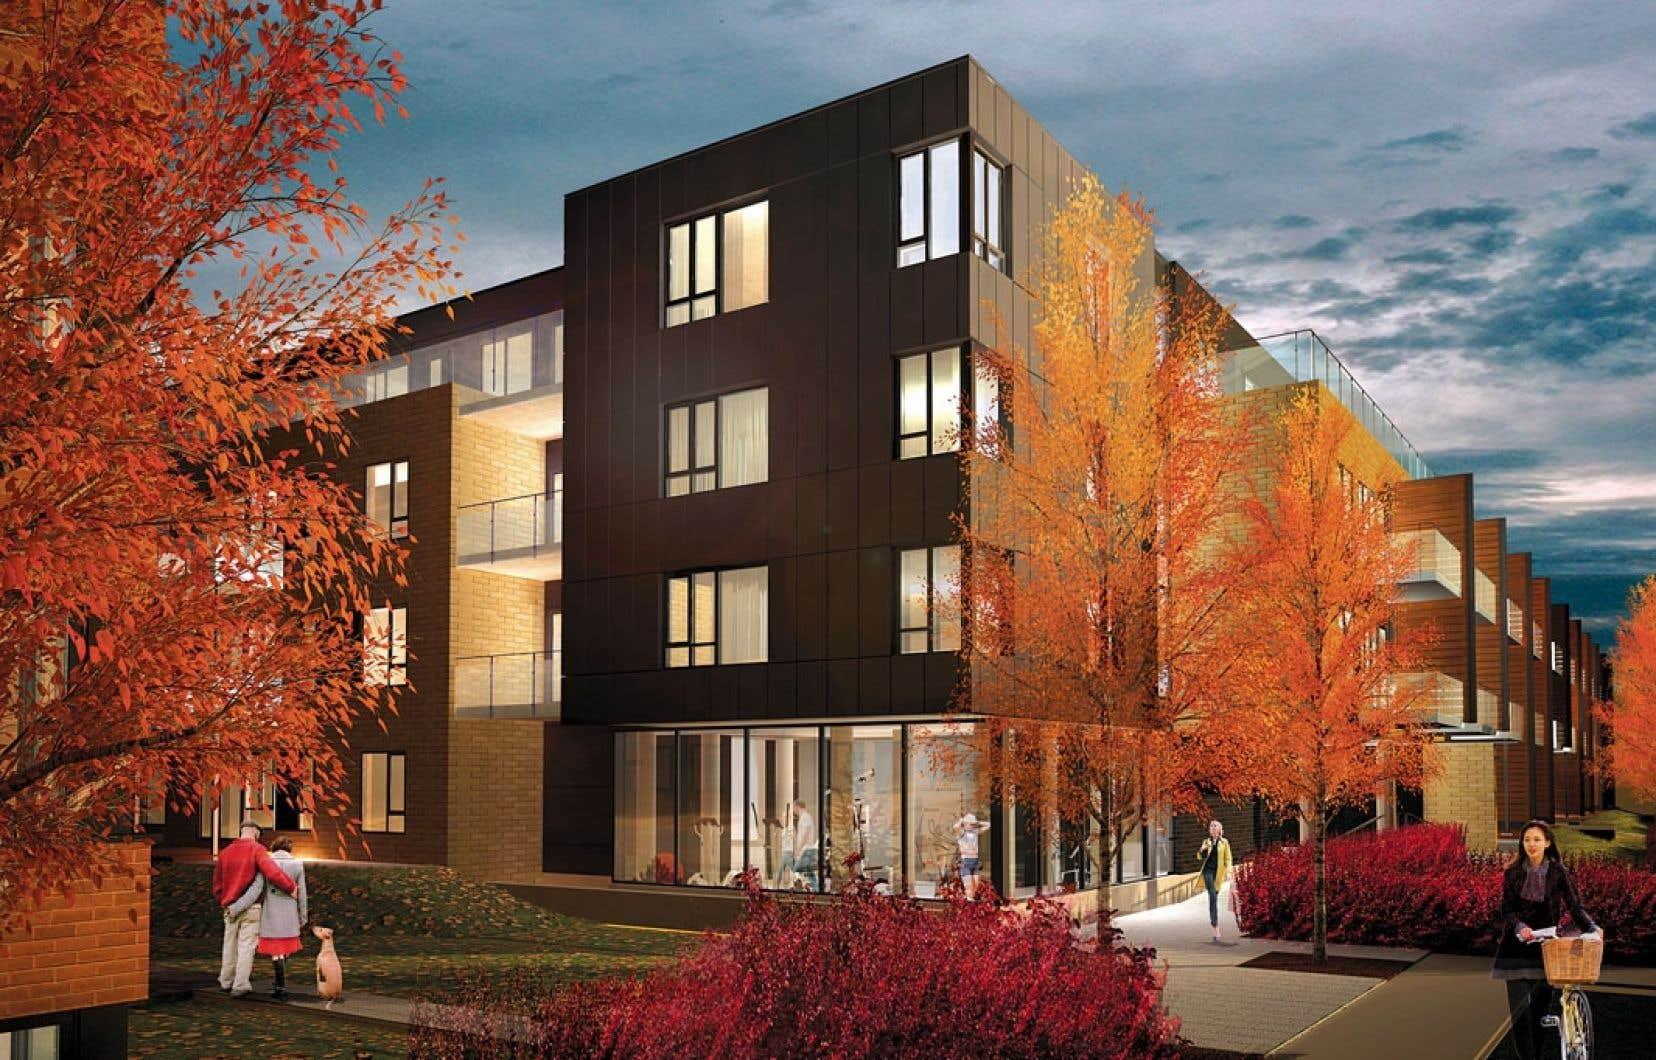 Ayant pour toile de fond la municipalité de Dorval, MV3 s'installe dans un milieu urbain bordé d'espaces verts.